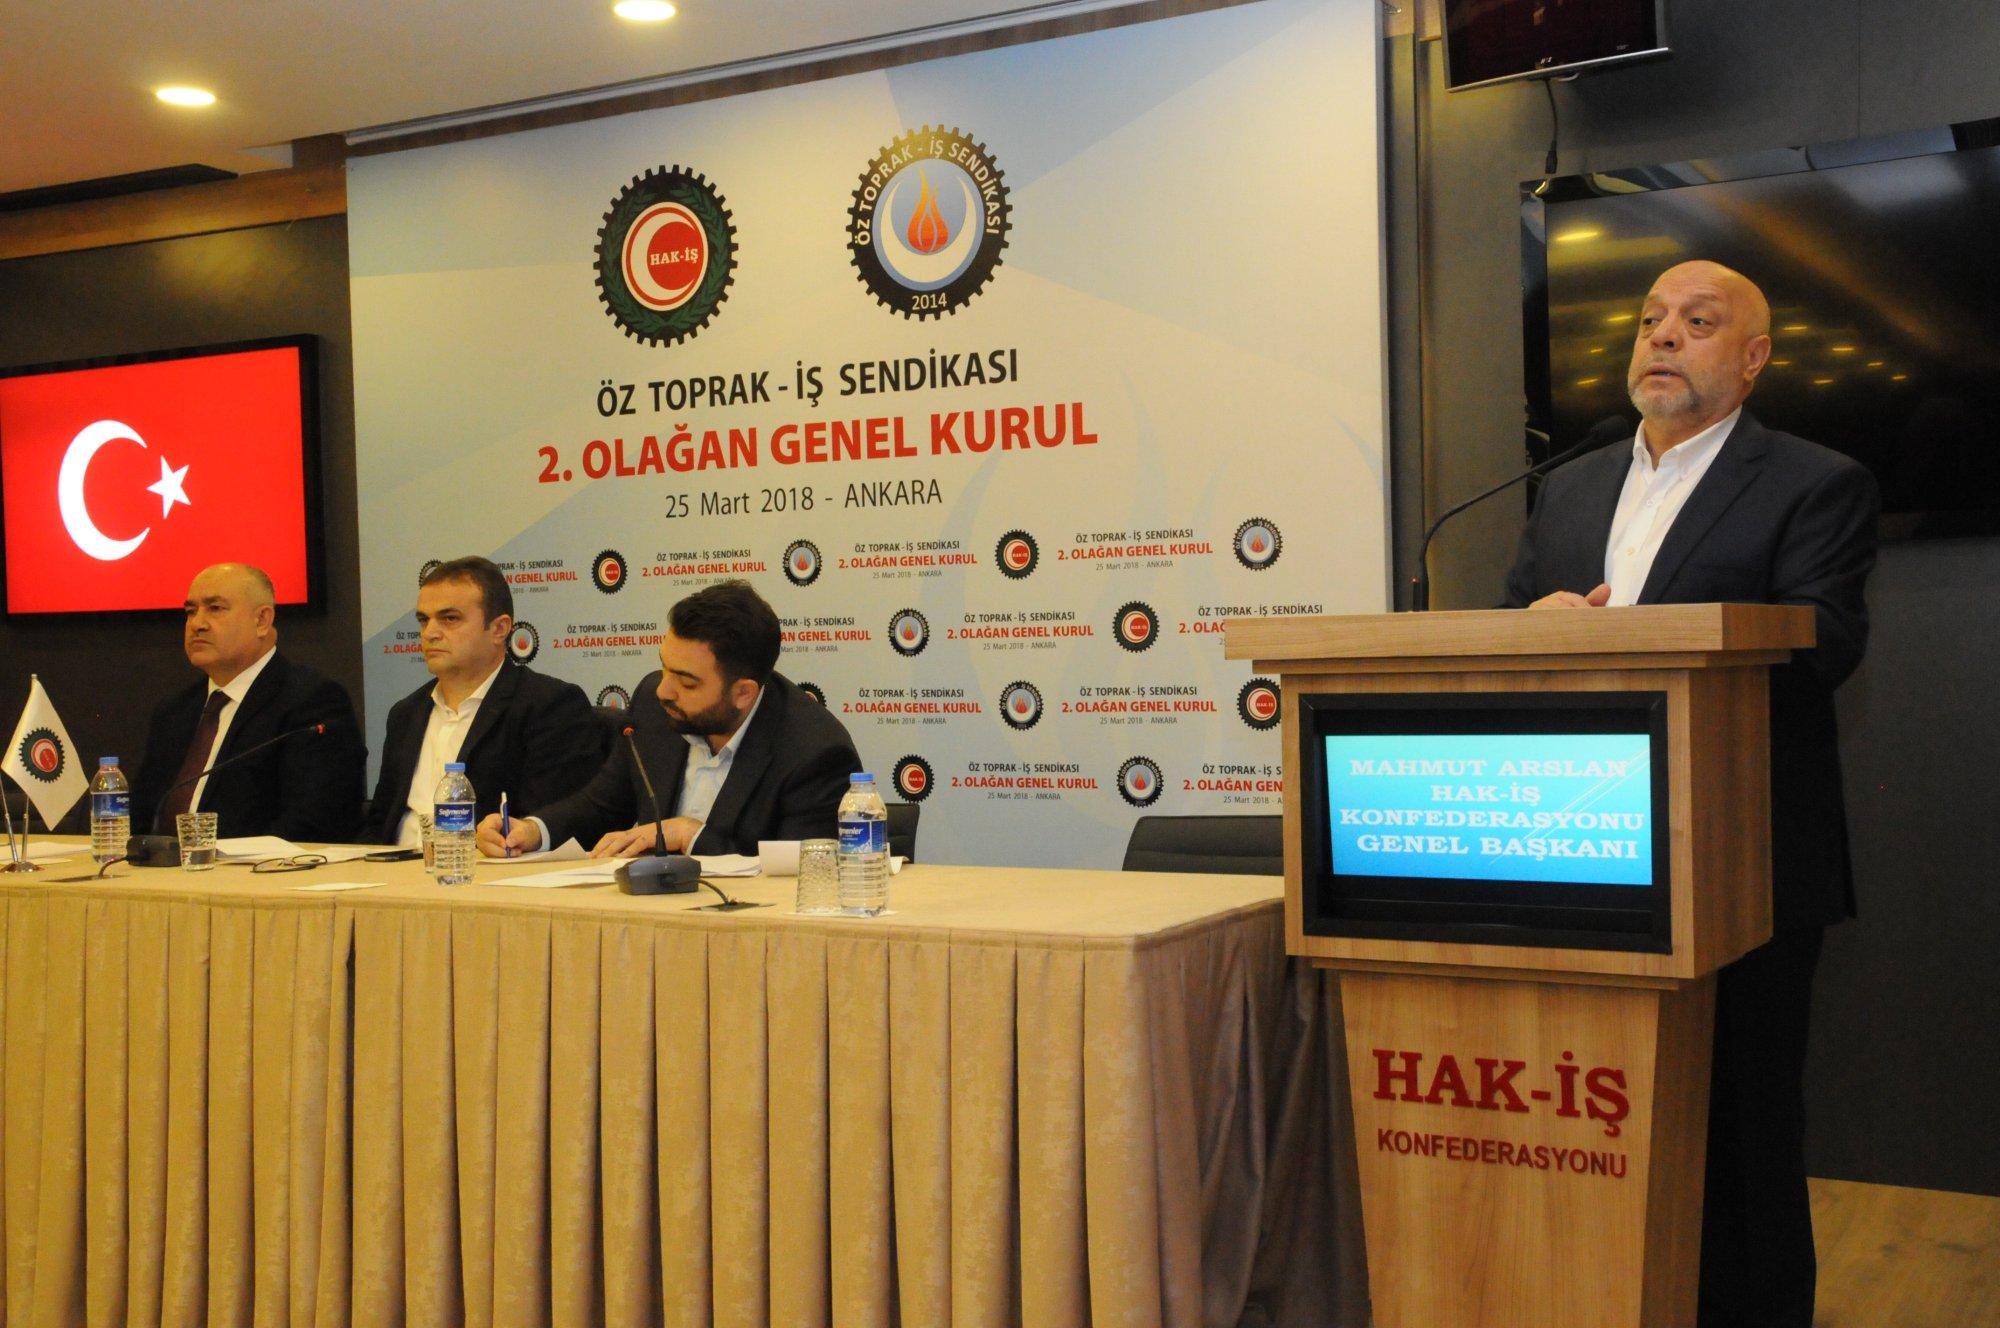 ARSLAN, ÖZ TOPRAK-İŞ SENDİKASI GENEL KURULU'NA KATILDI